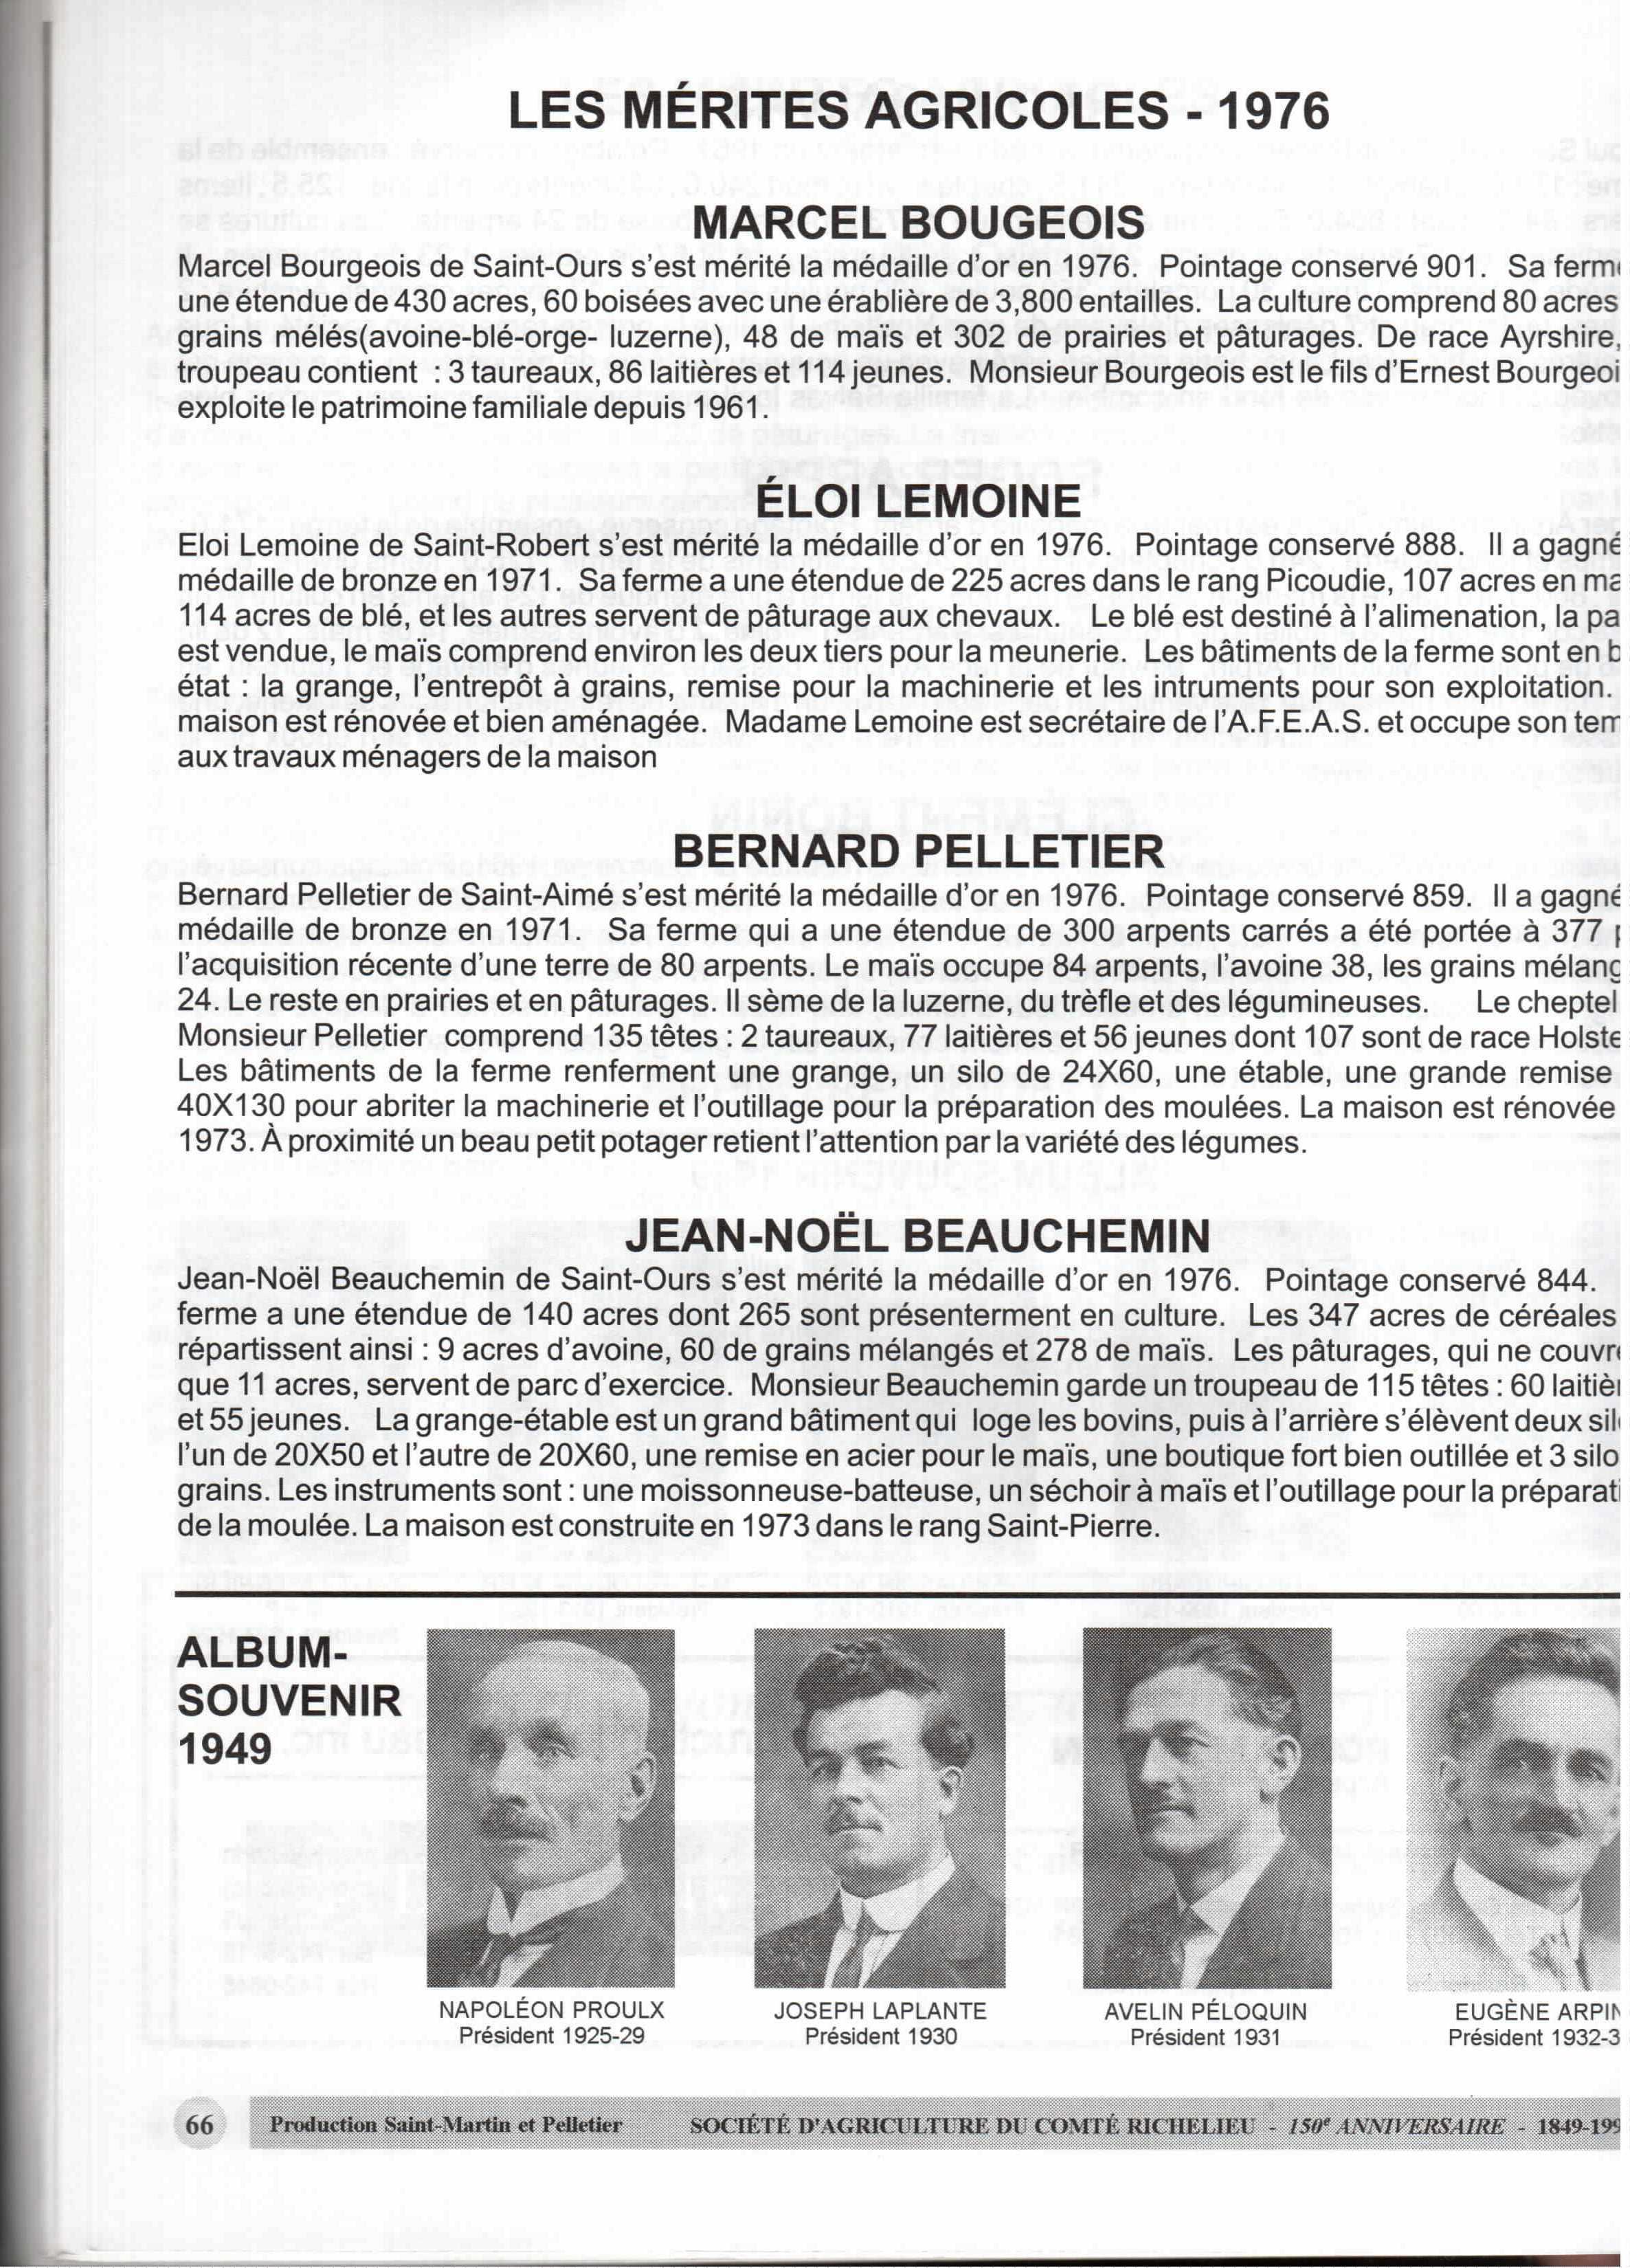 150 ans d'agriculture du comté de Richelieu (68)